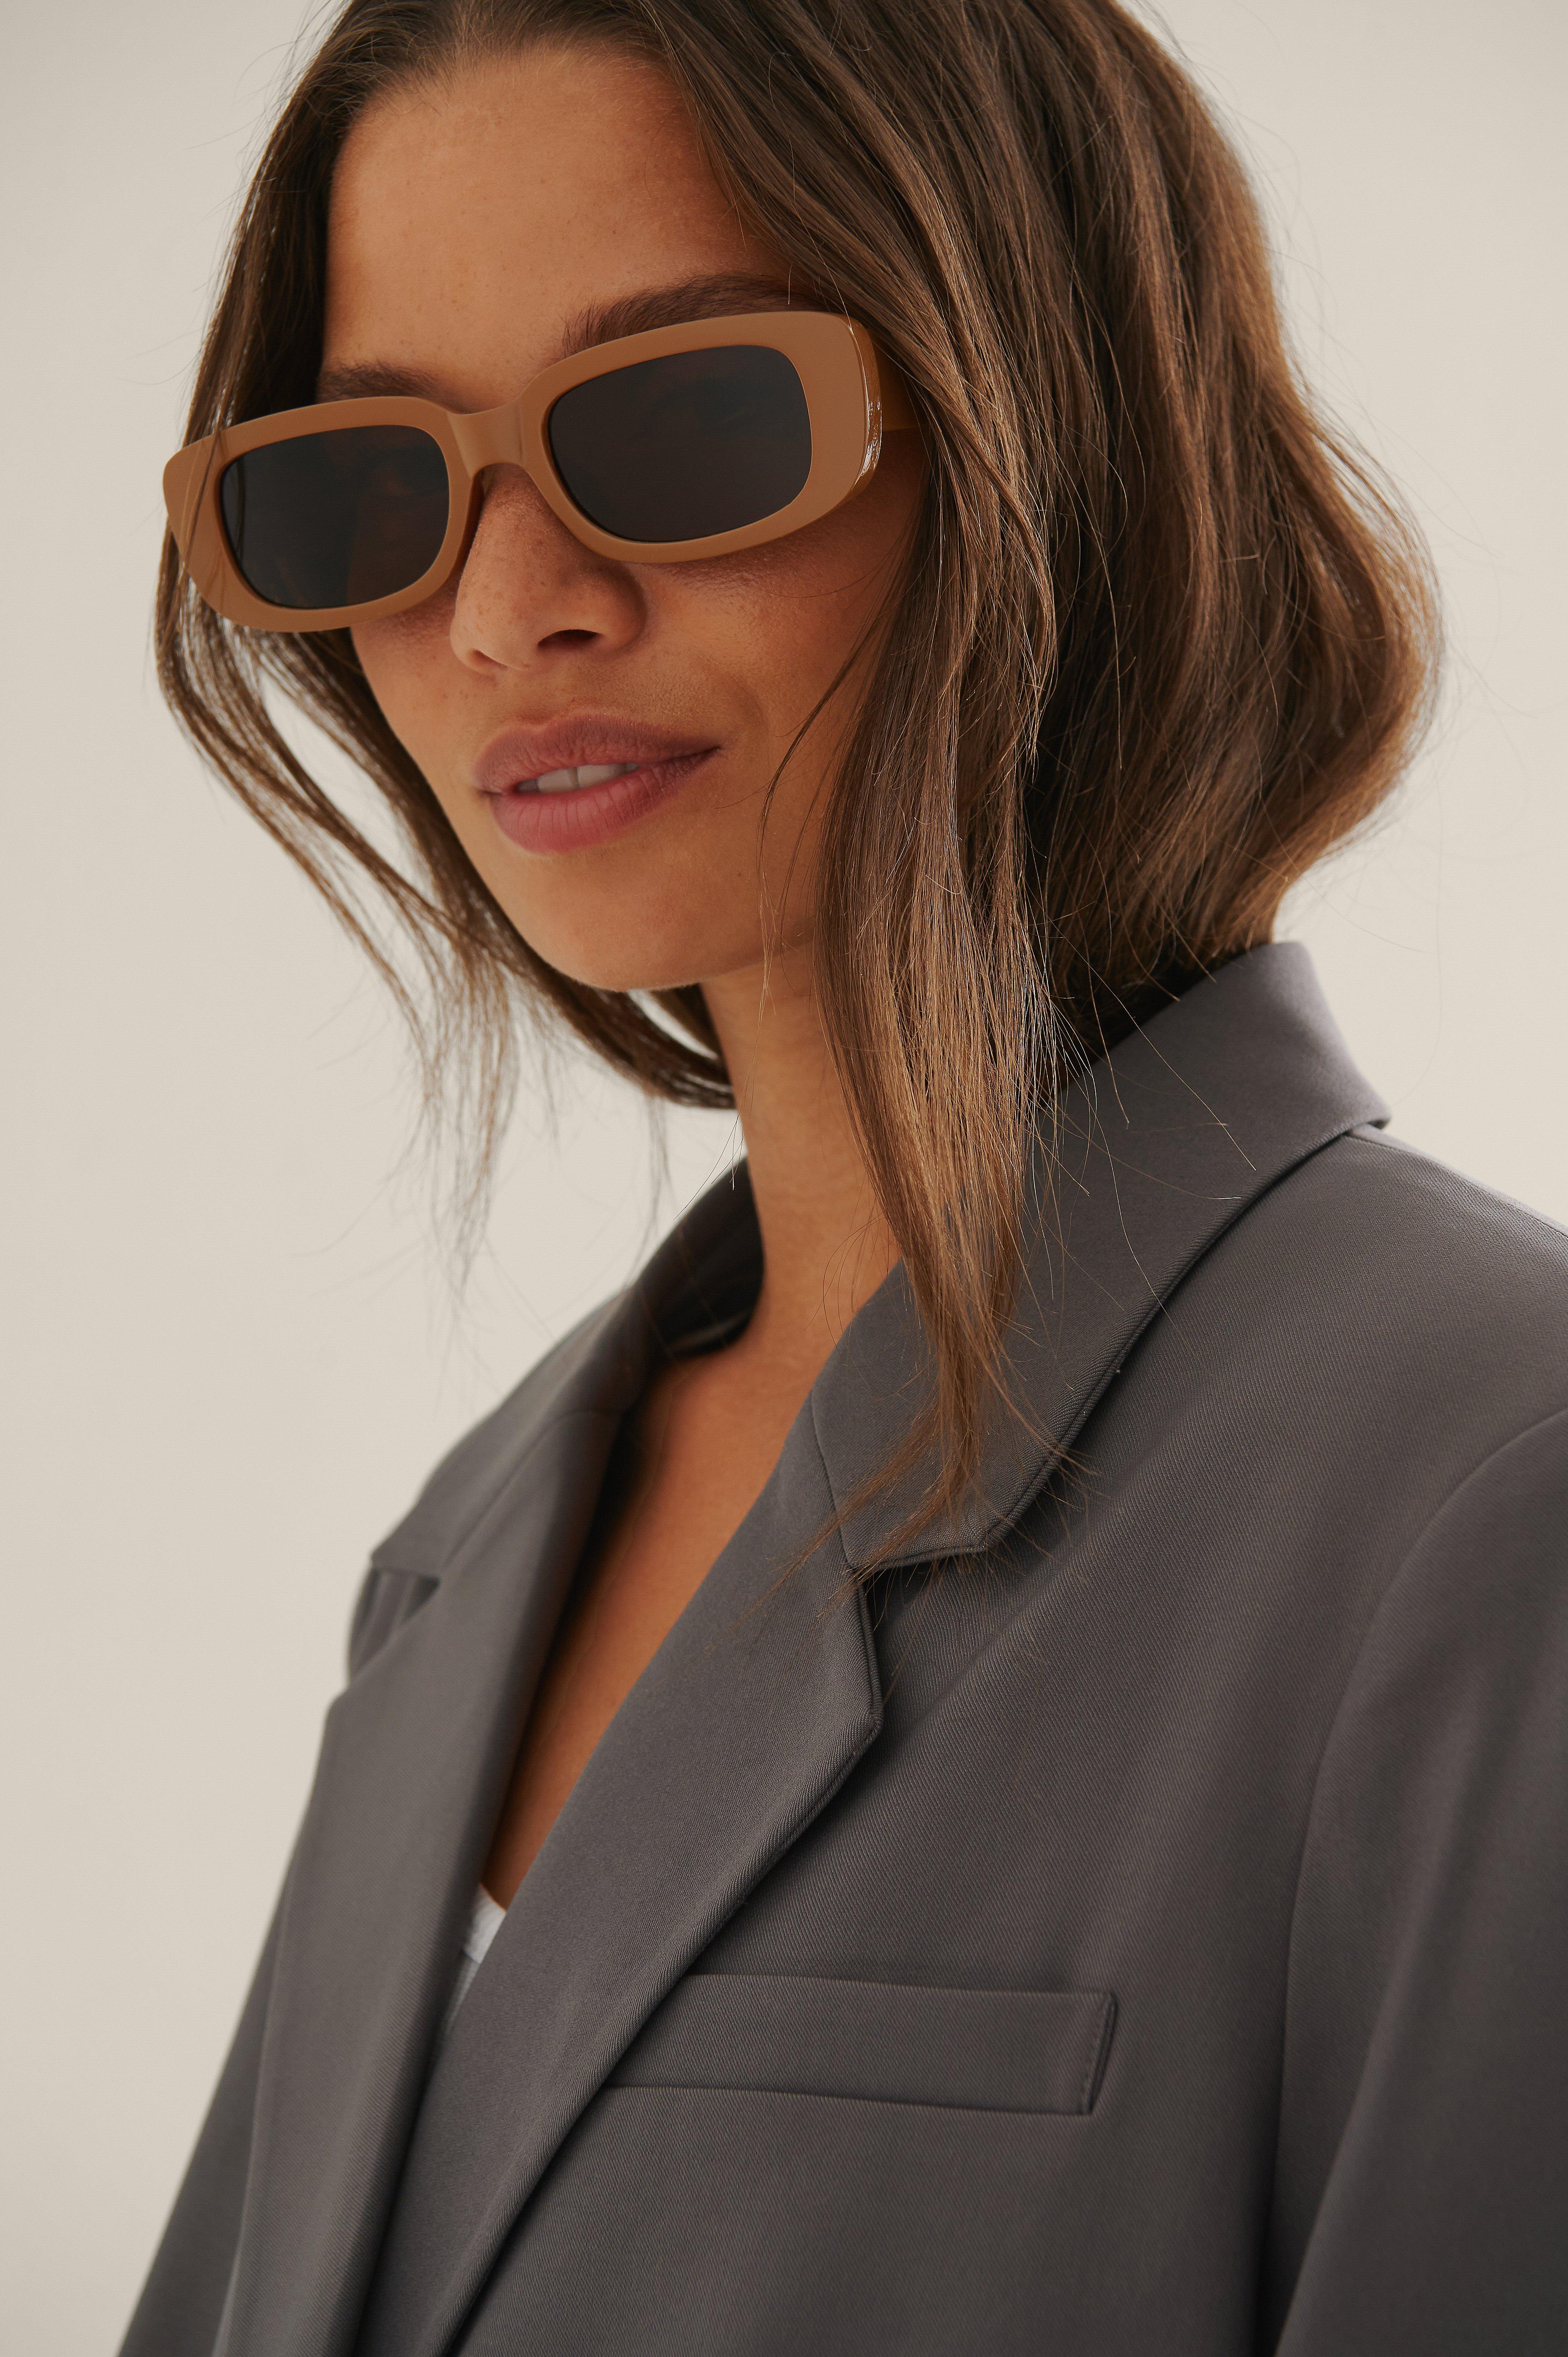 na-kd accessories -  Sonnenbrille Mit Breitem Retro-Brillengestell - Beige